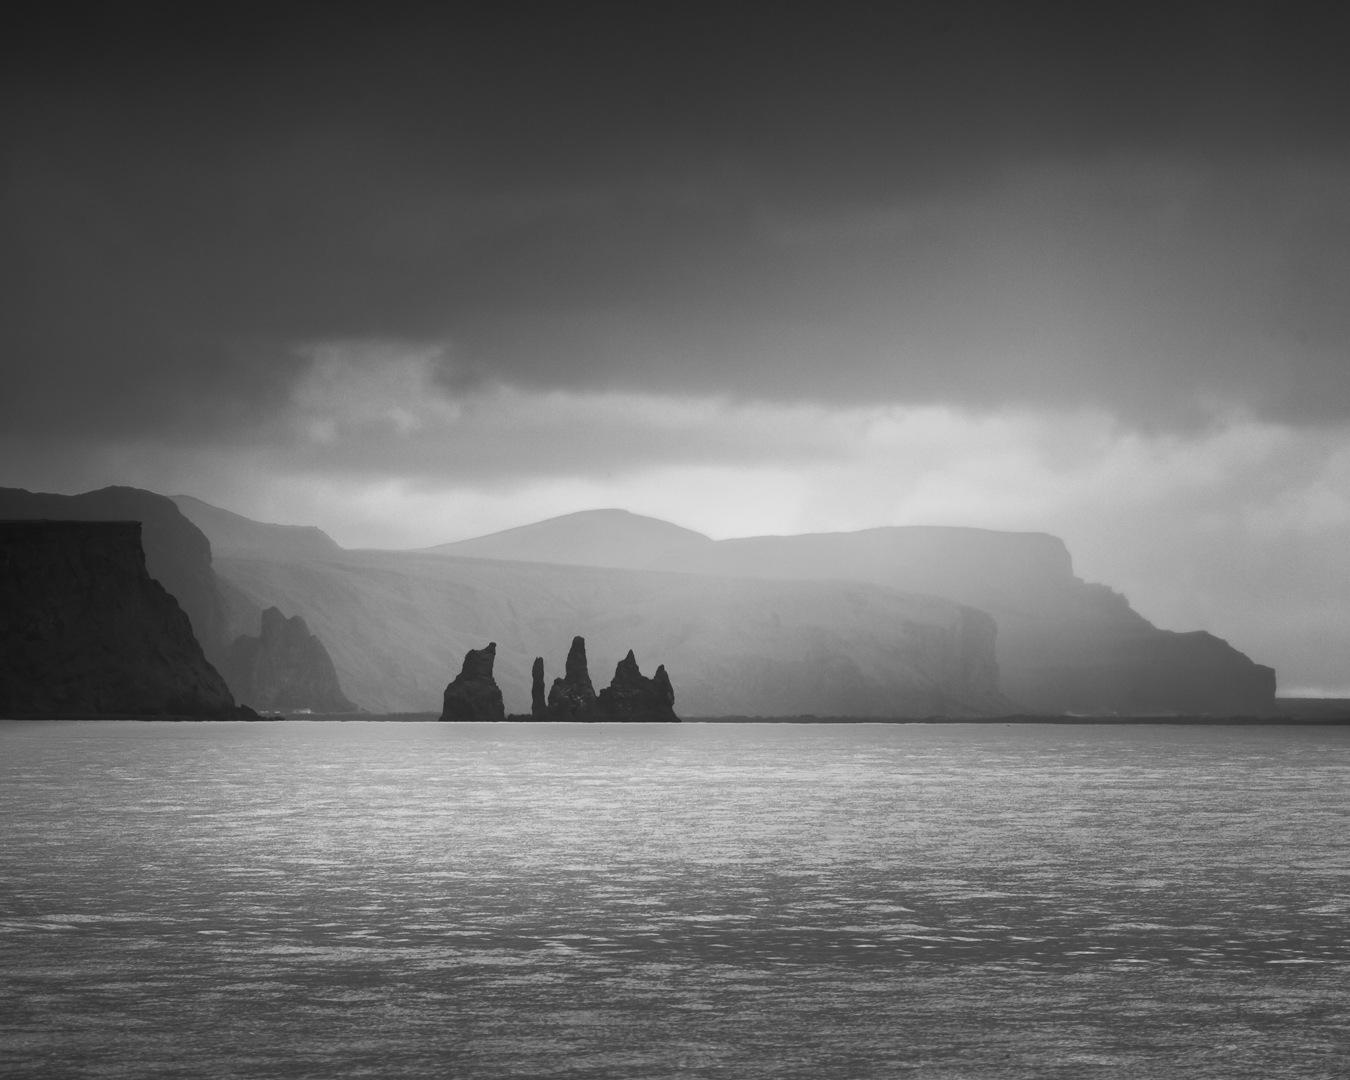 Untitled by Ágúst Þór Bjarnason